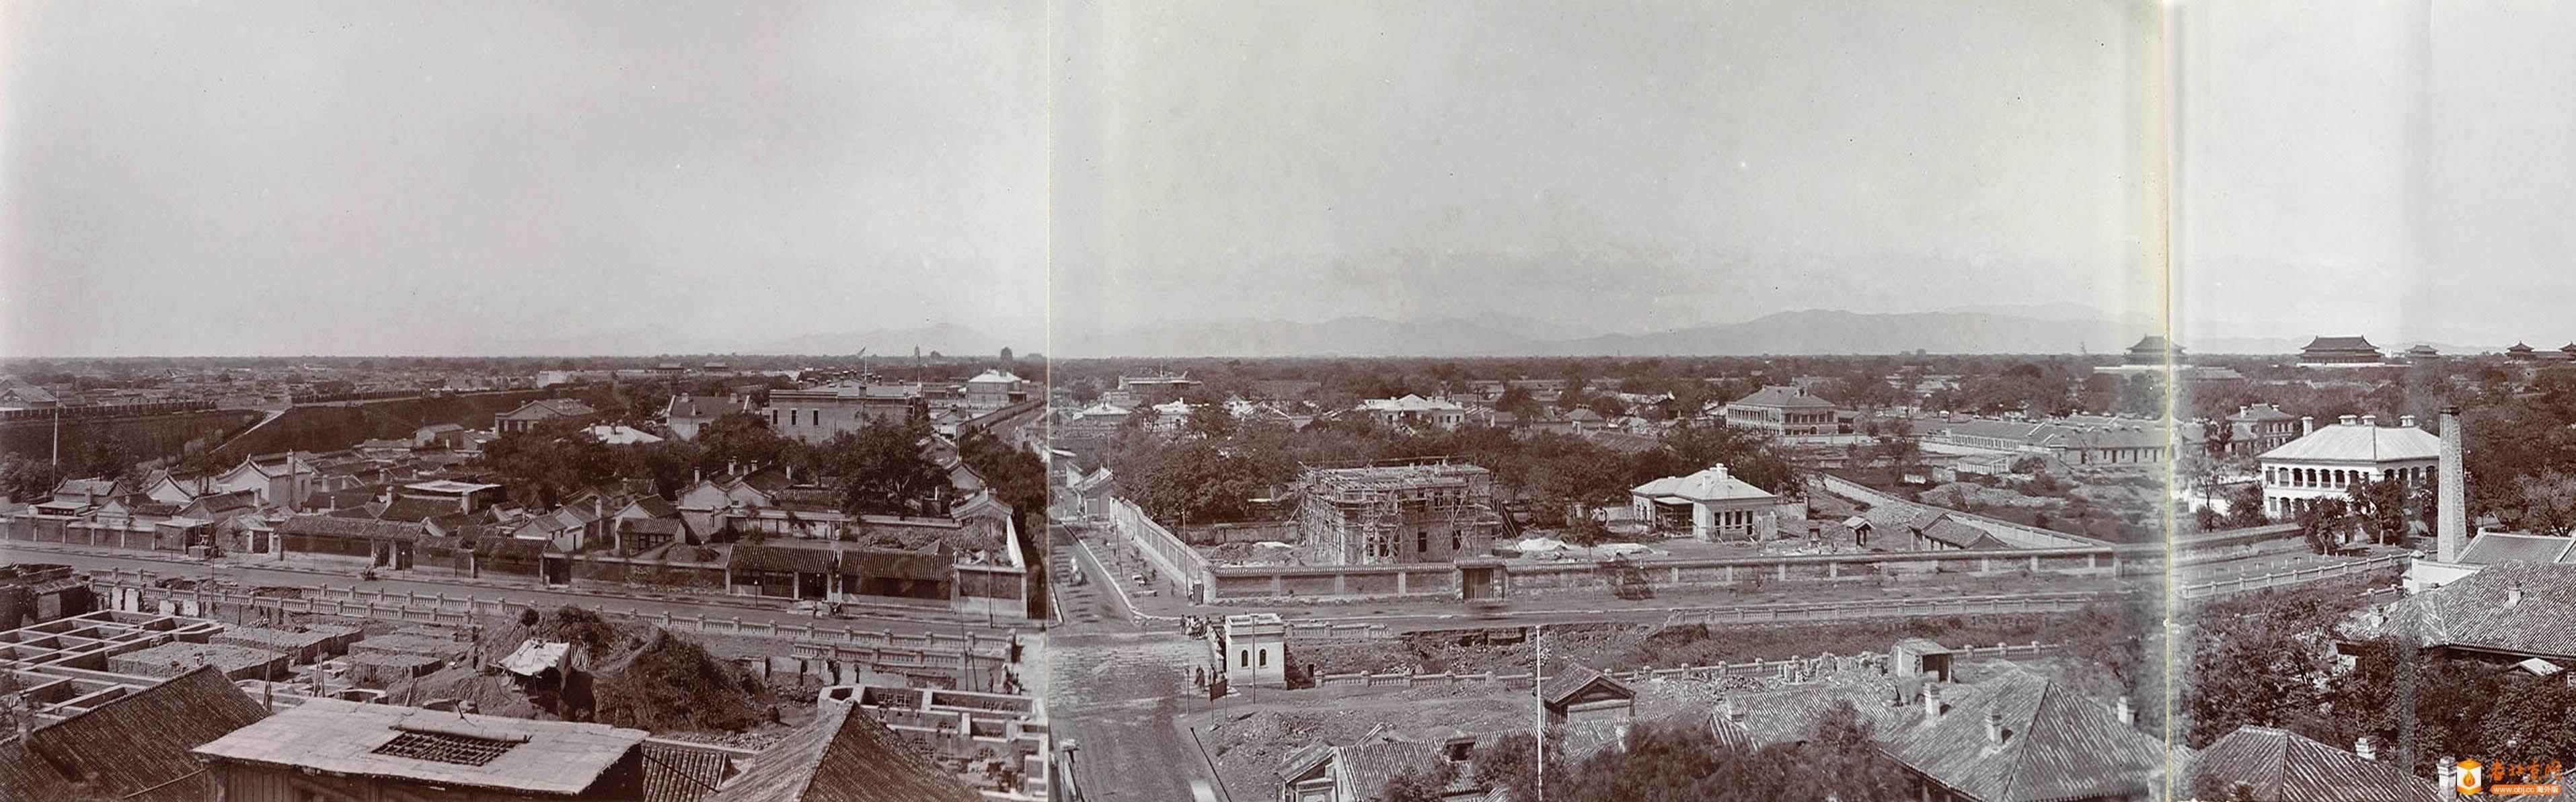 626.东交民巷环视图    (1905年).jpg